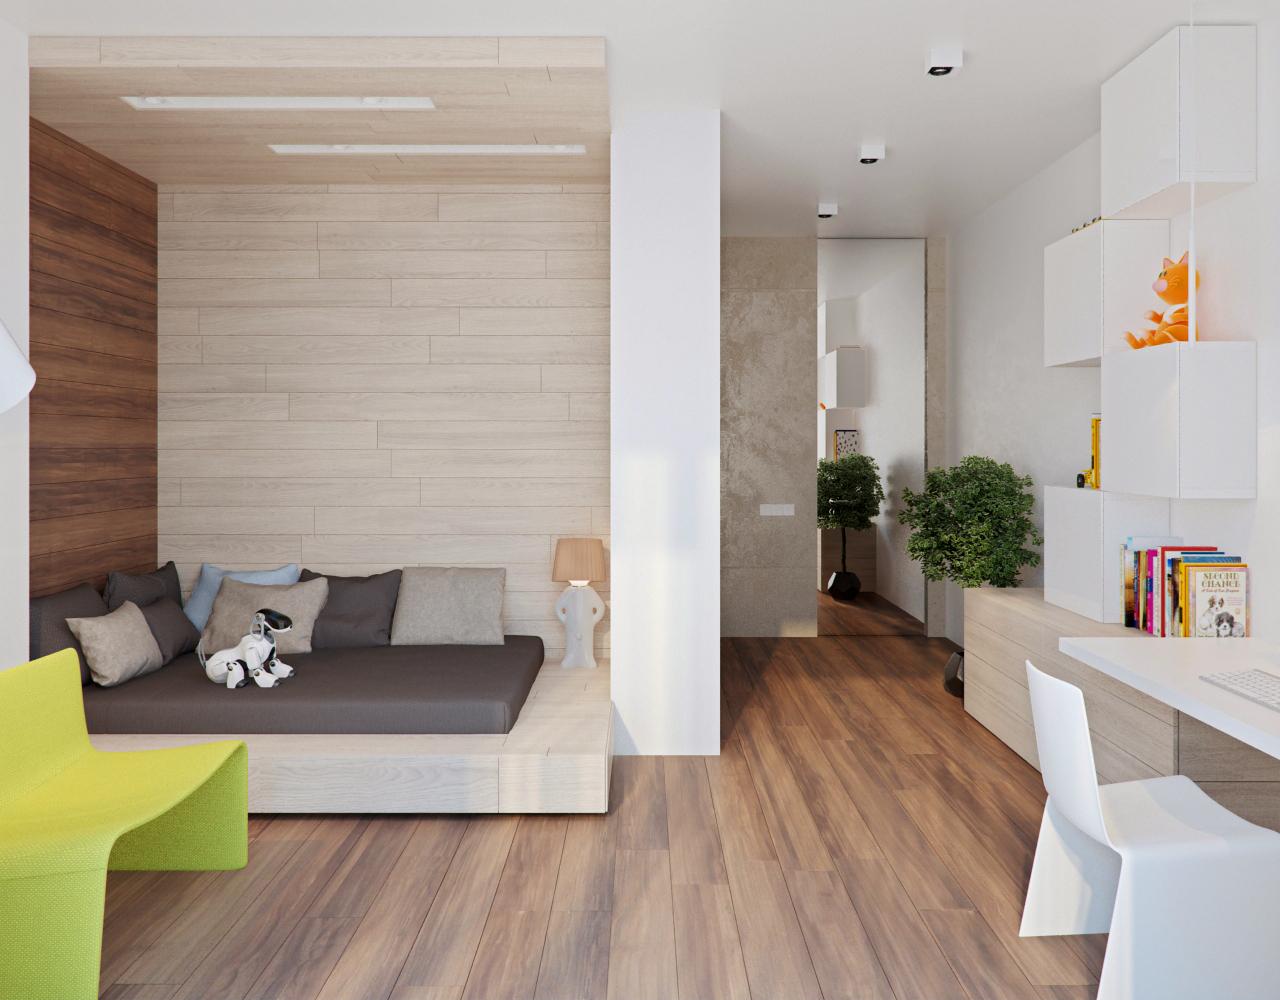 Wedo thiết kế nội thất phòng ngủ đẹp, sang trọng với gỗ và đá